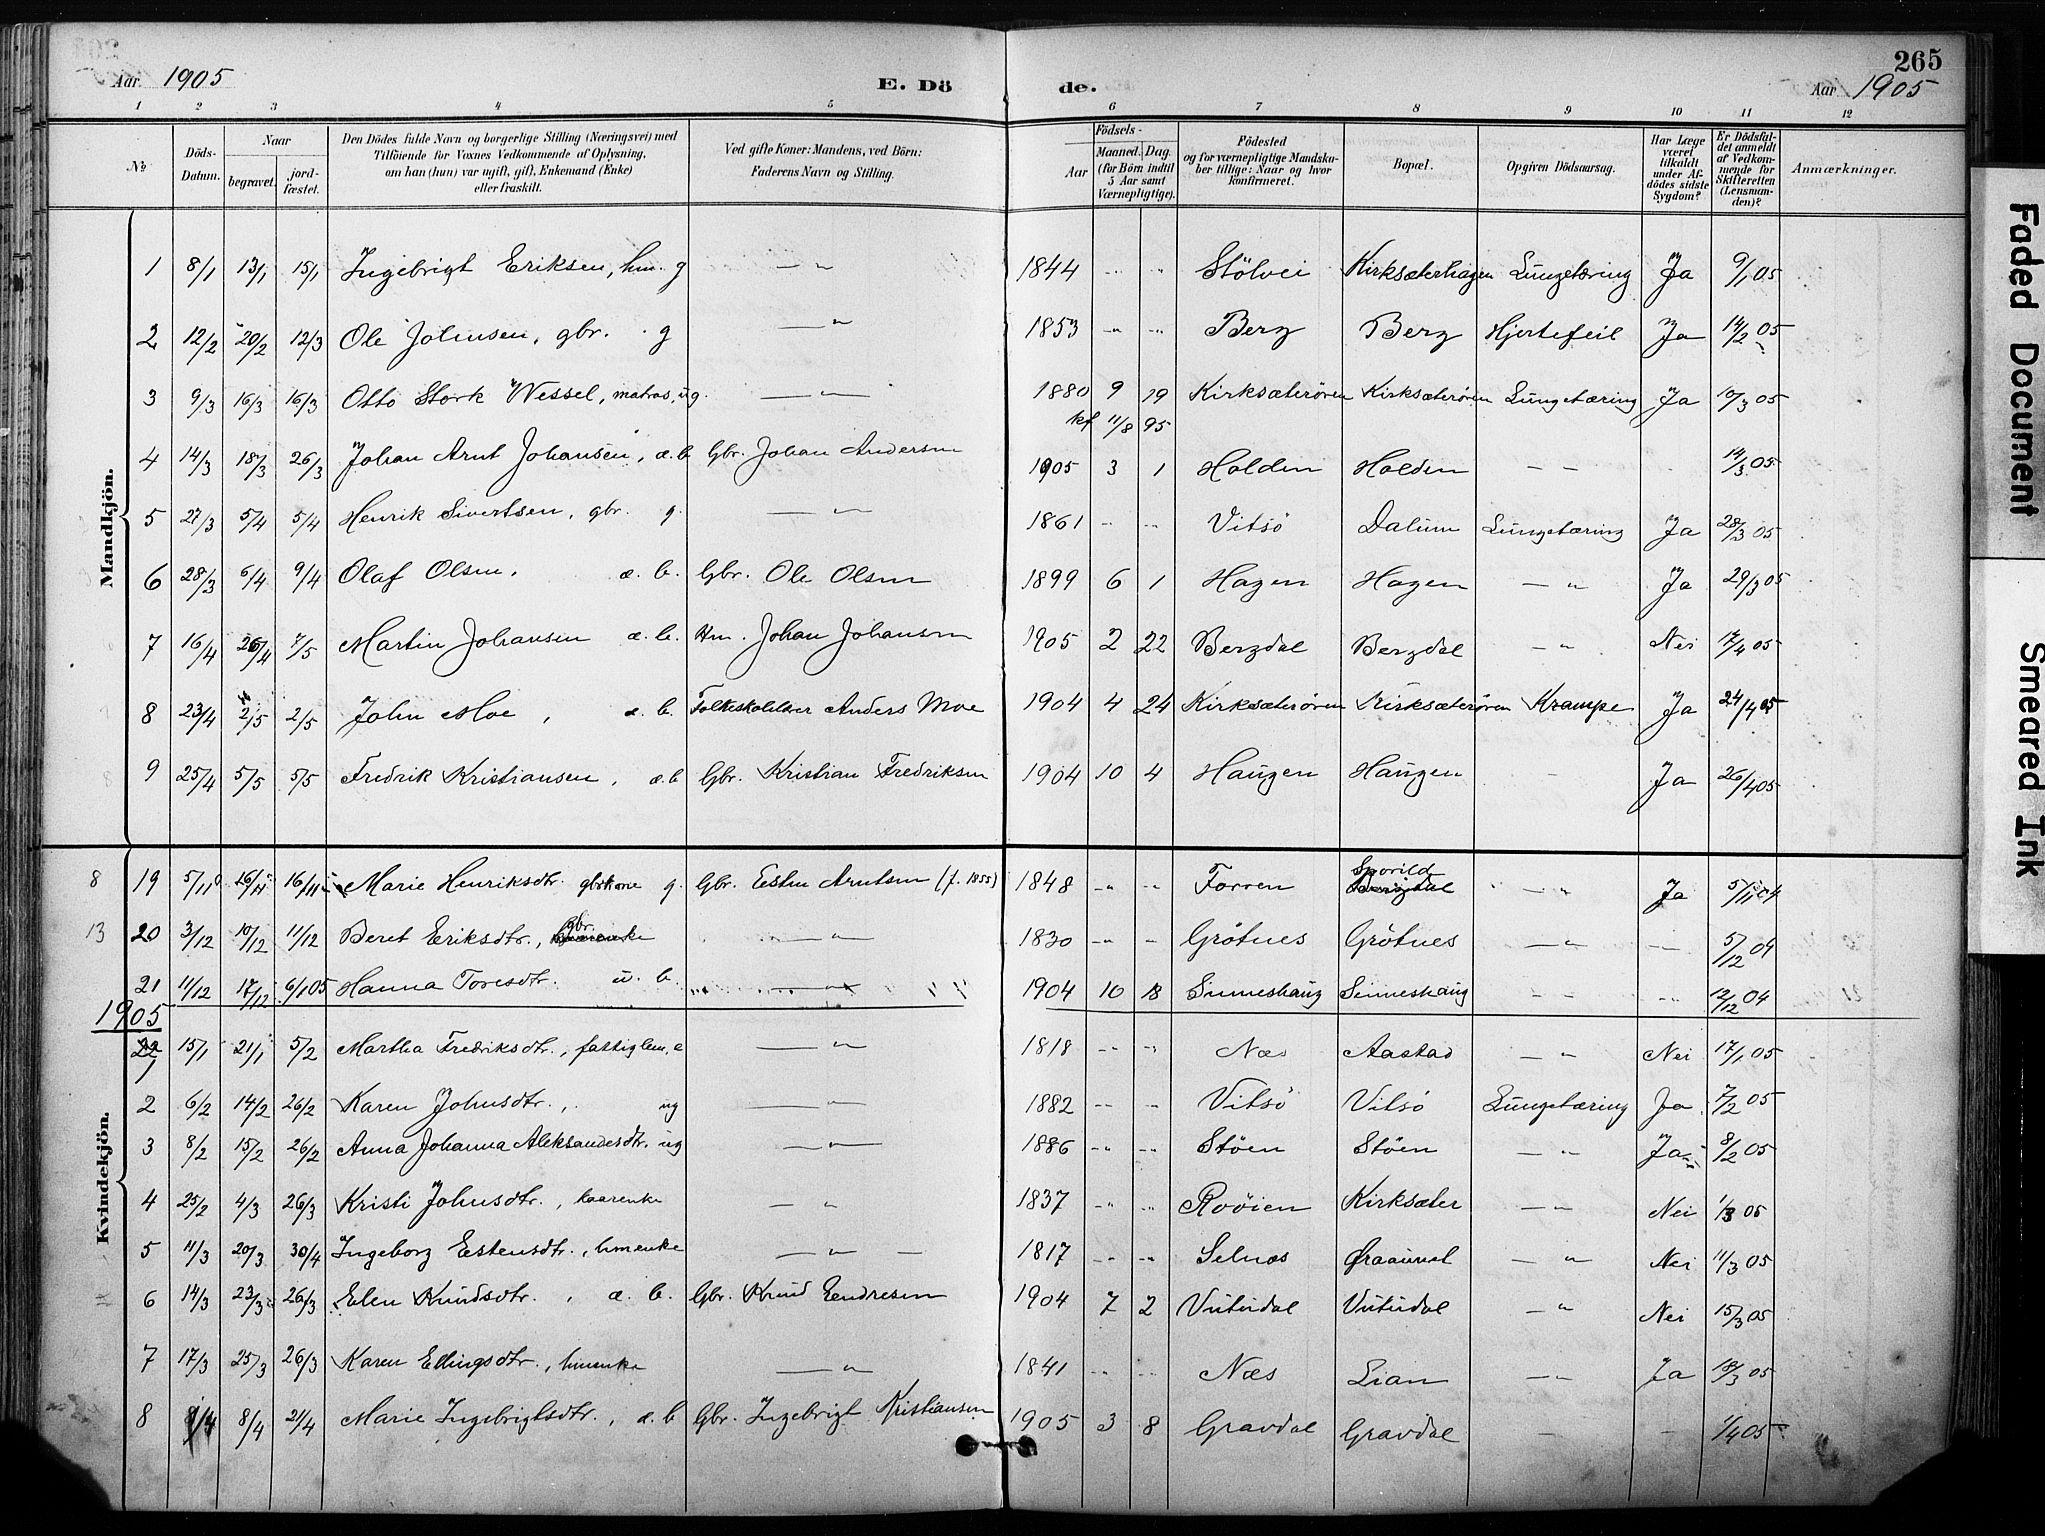 SAT, Ministerialprotokoller, klokkerbøker og fødselsregistre - Sør-Trøndelag, 630/L0497: Ministerialbok nr. 630A10, 1896-1910, s. 265